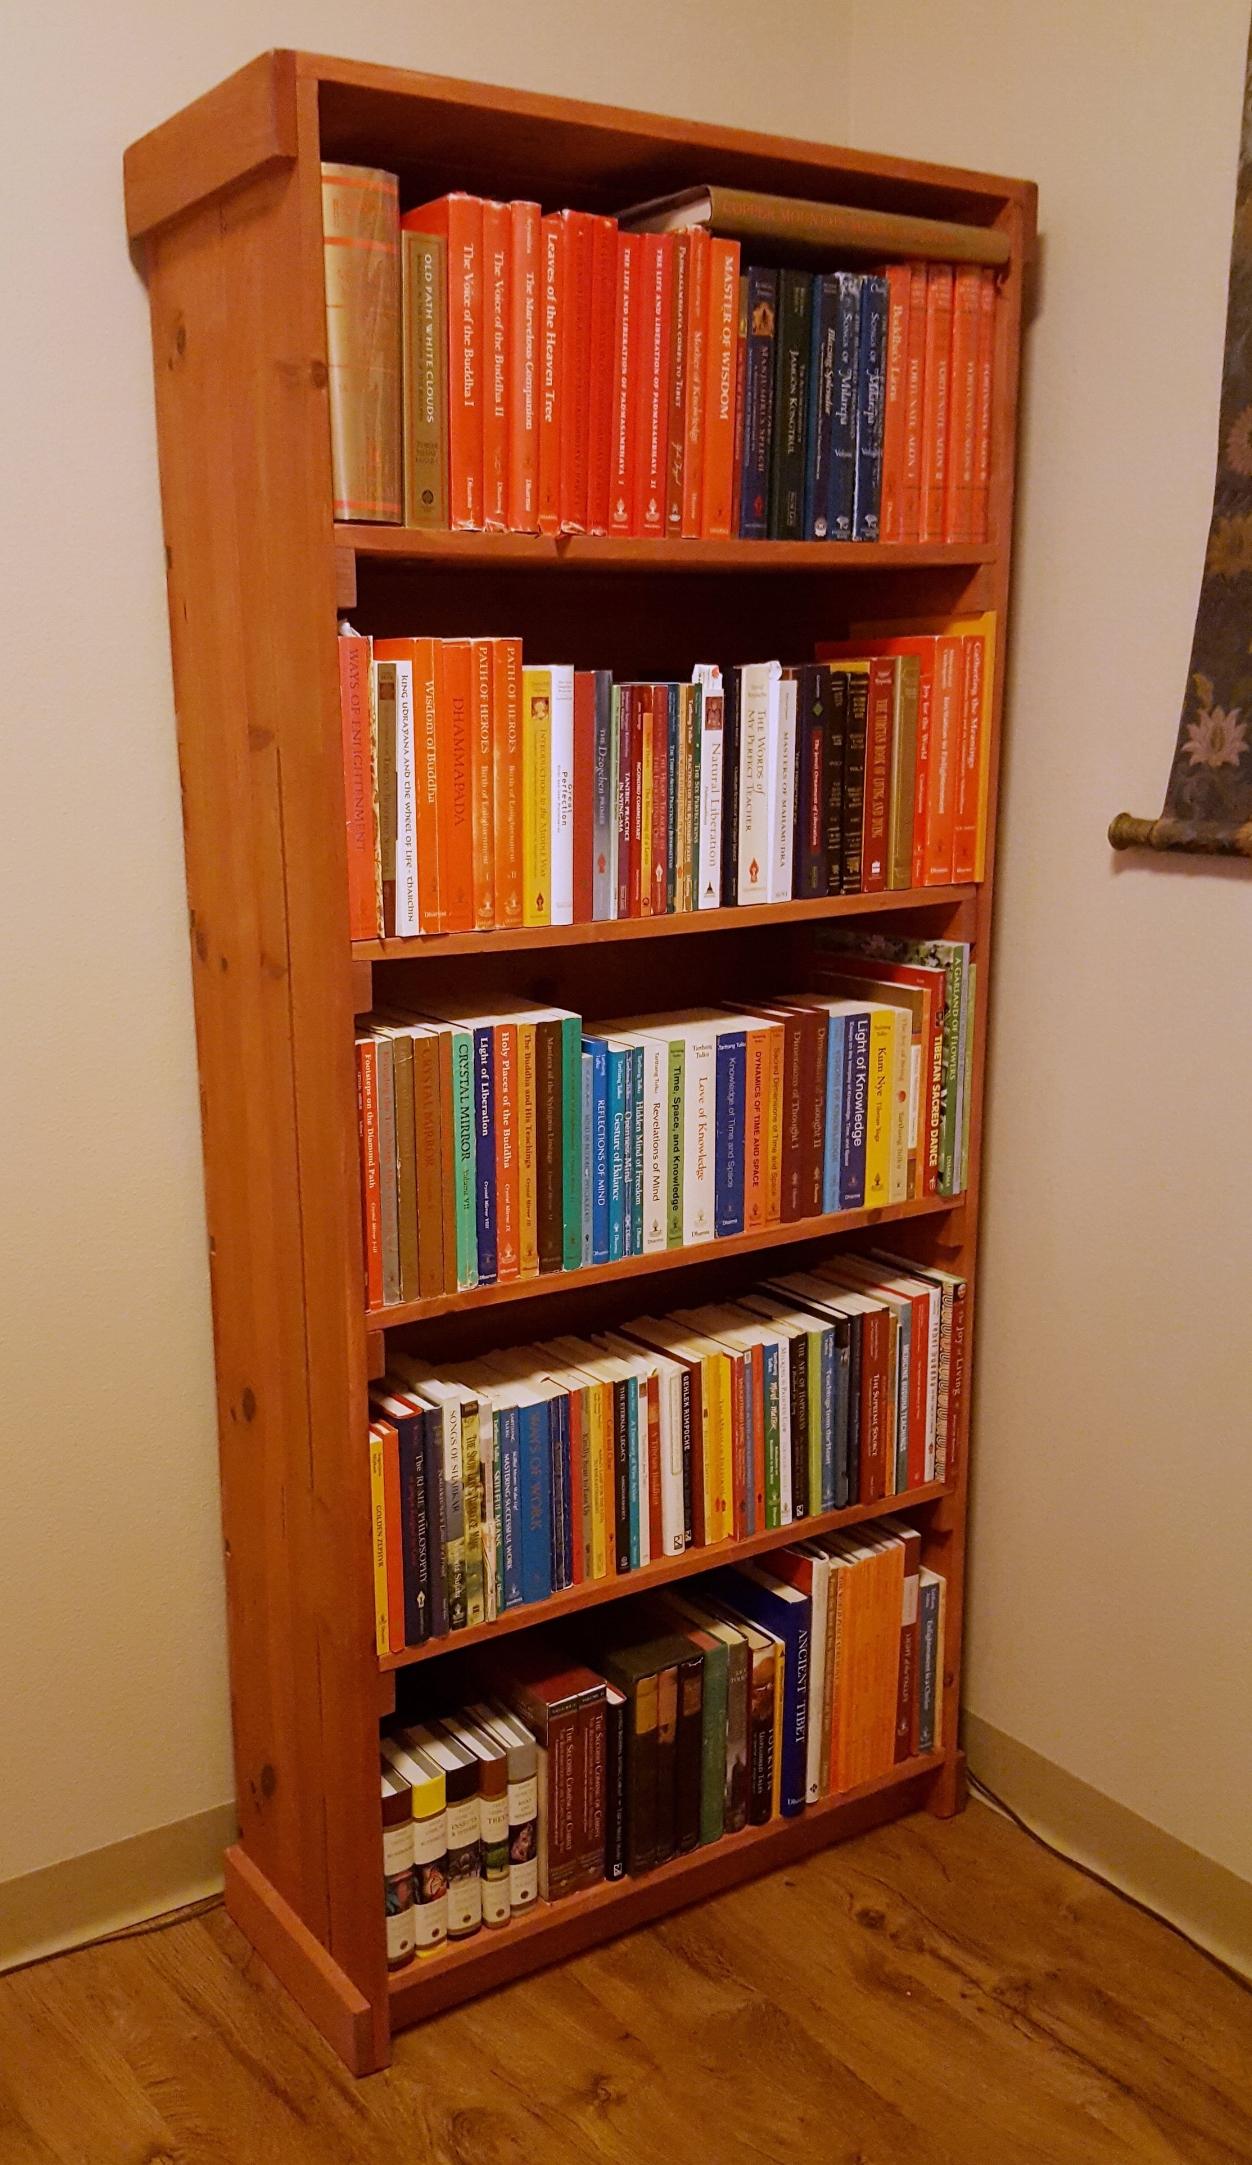 Book Shelf (2013) - Repurposed Crate Wood